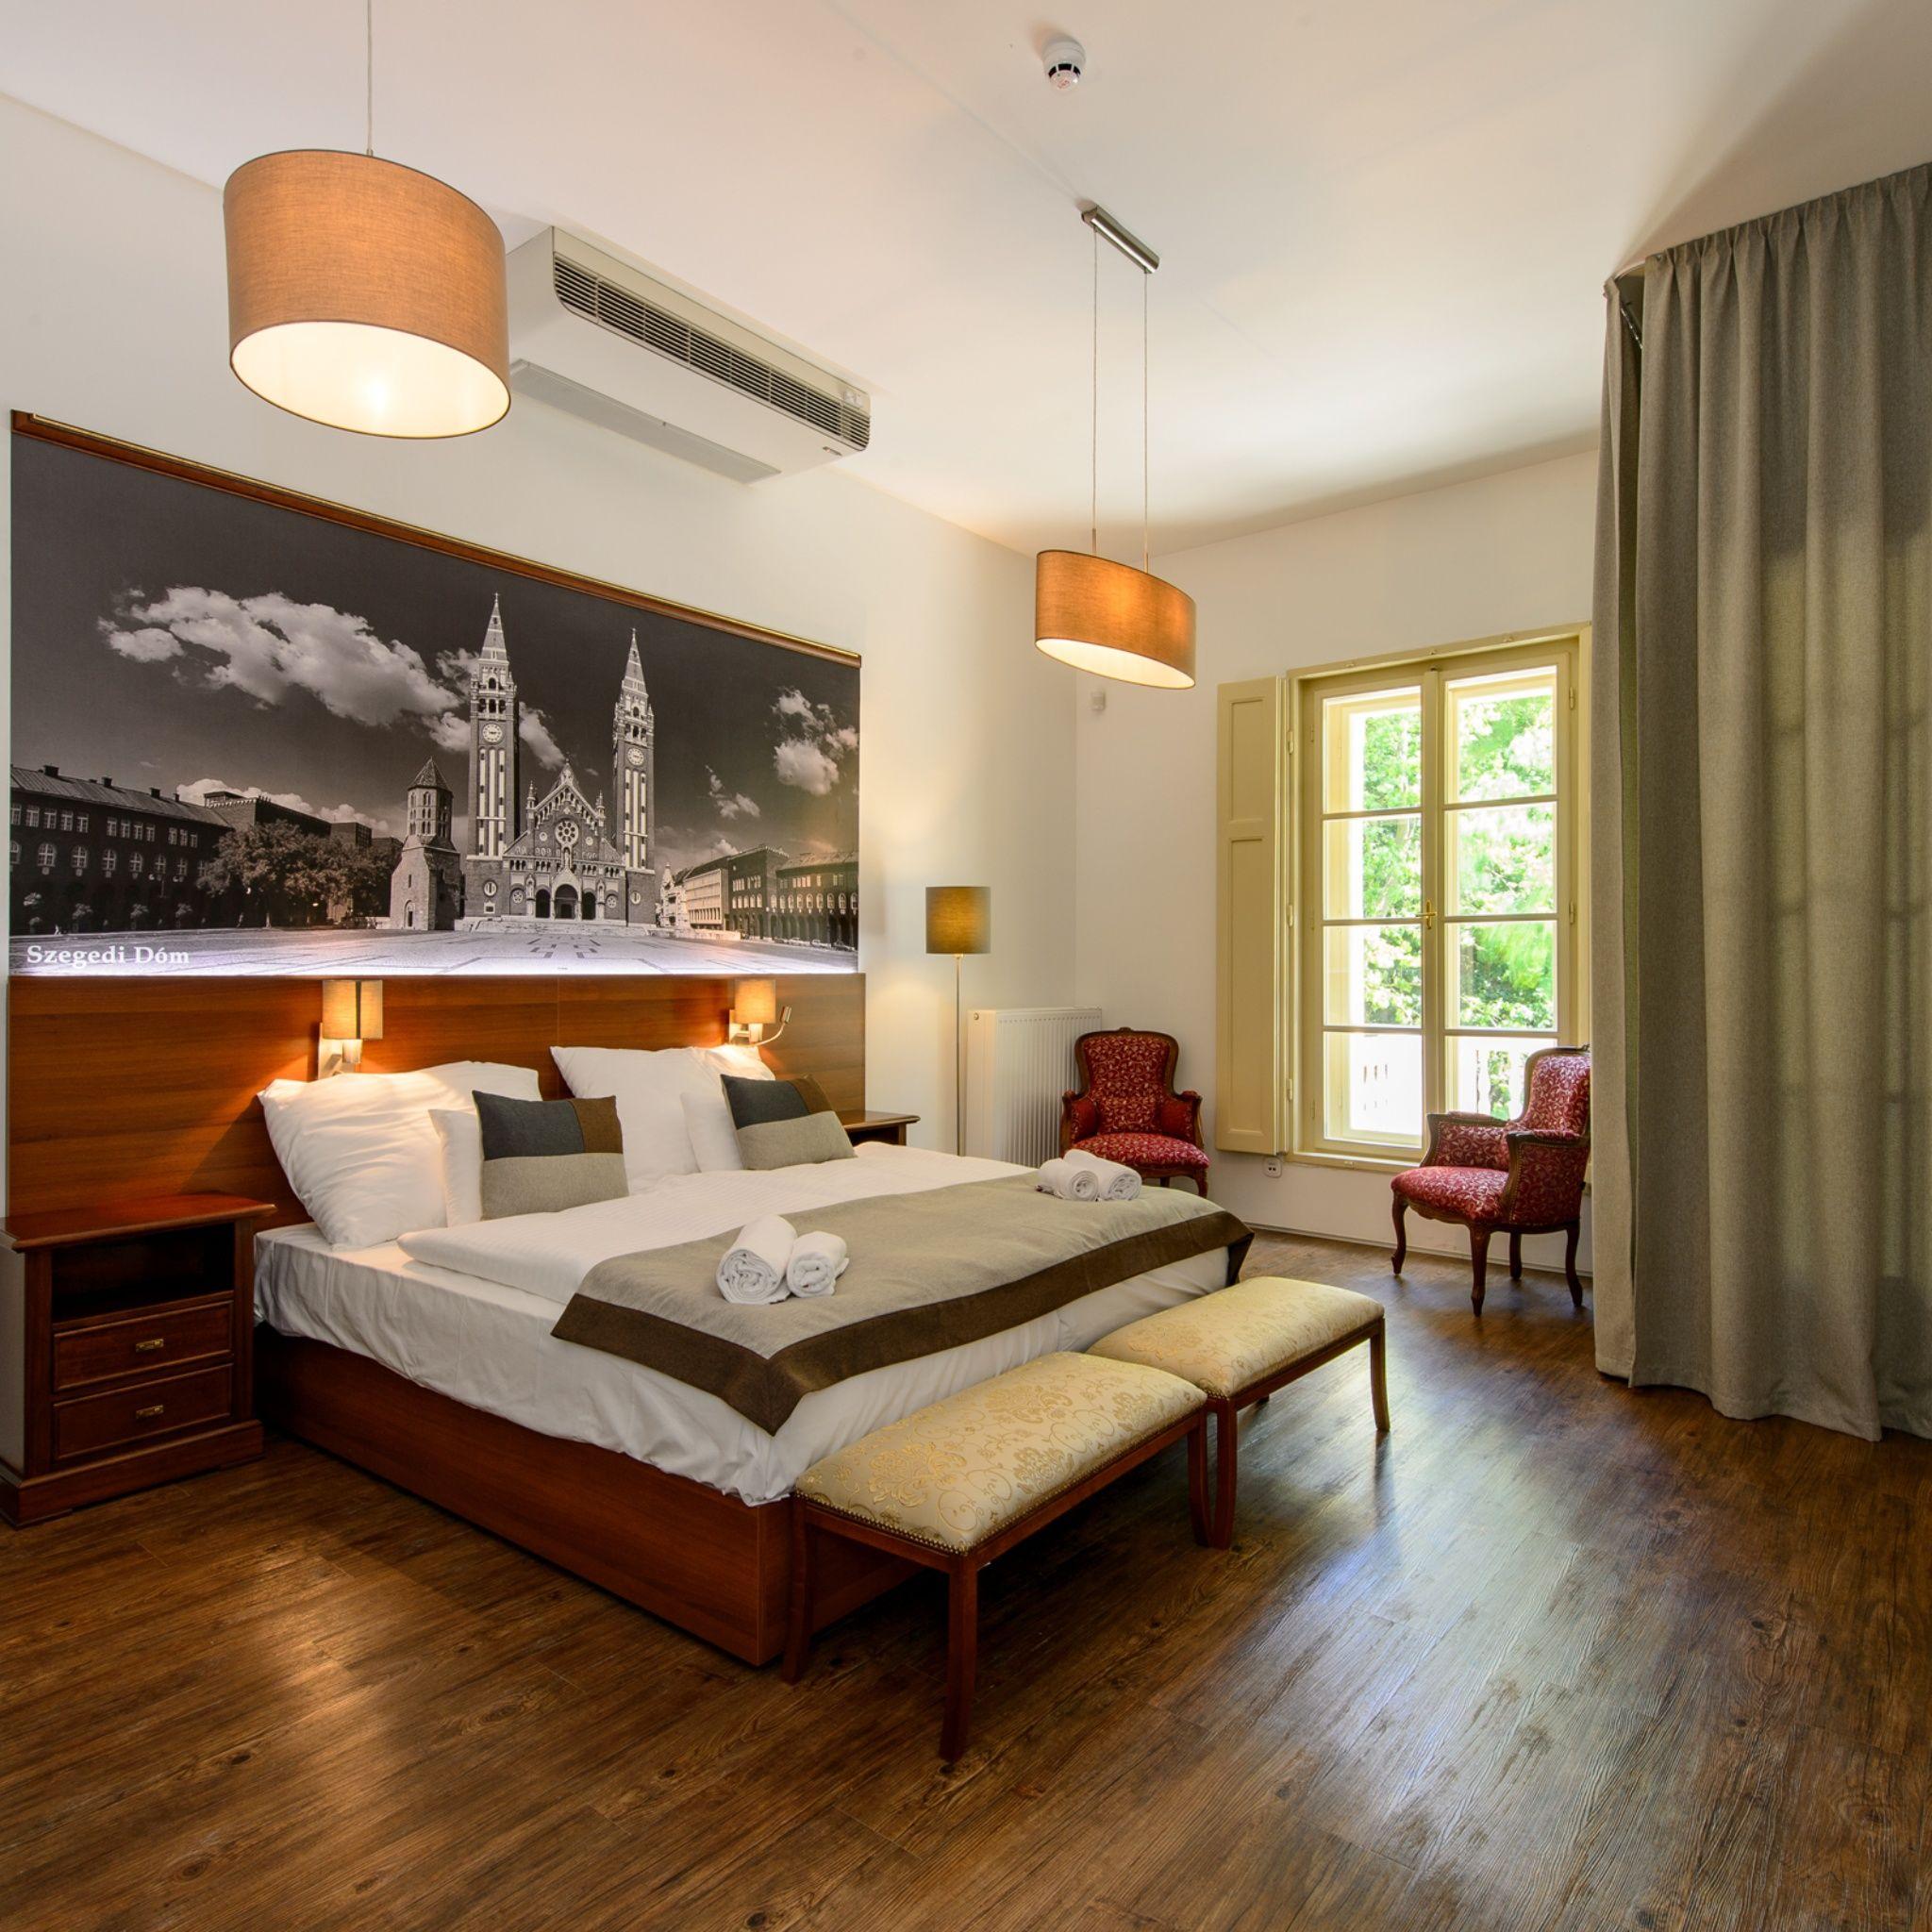 Klebelsberg Kastély Hotel Budapest - Classic Elegnace kétágyas szoba